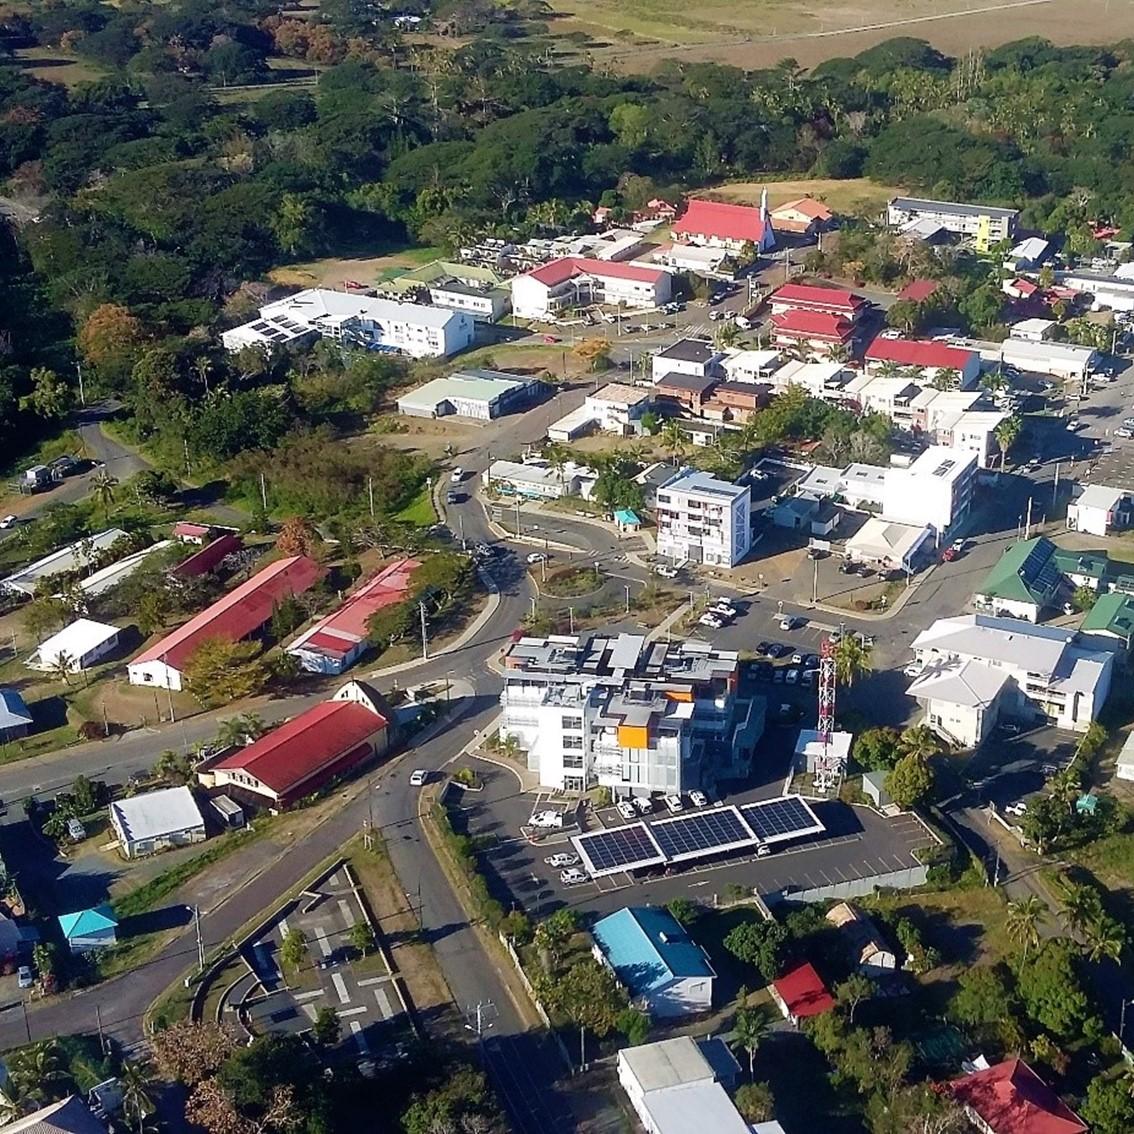 Vue aérienne de Koohnê